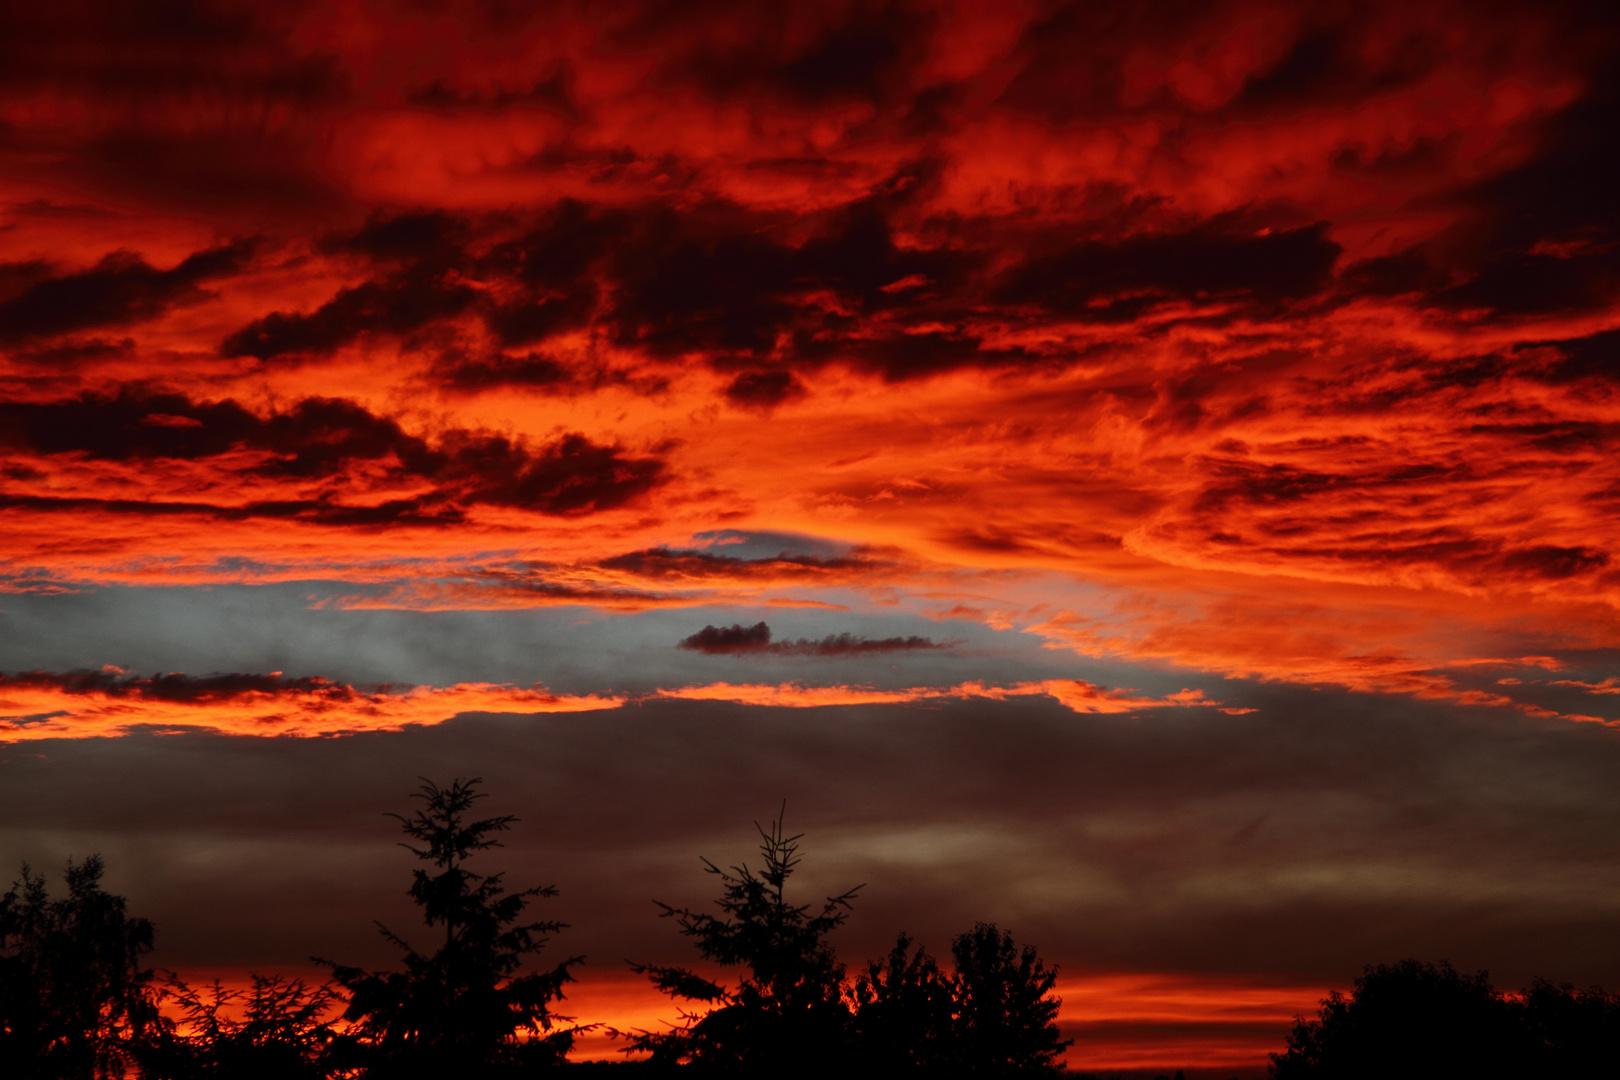 Der Himmel brennt über Saarbrücken